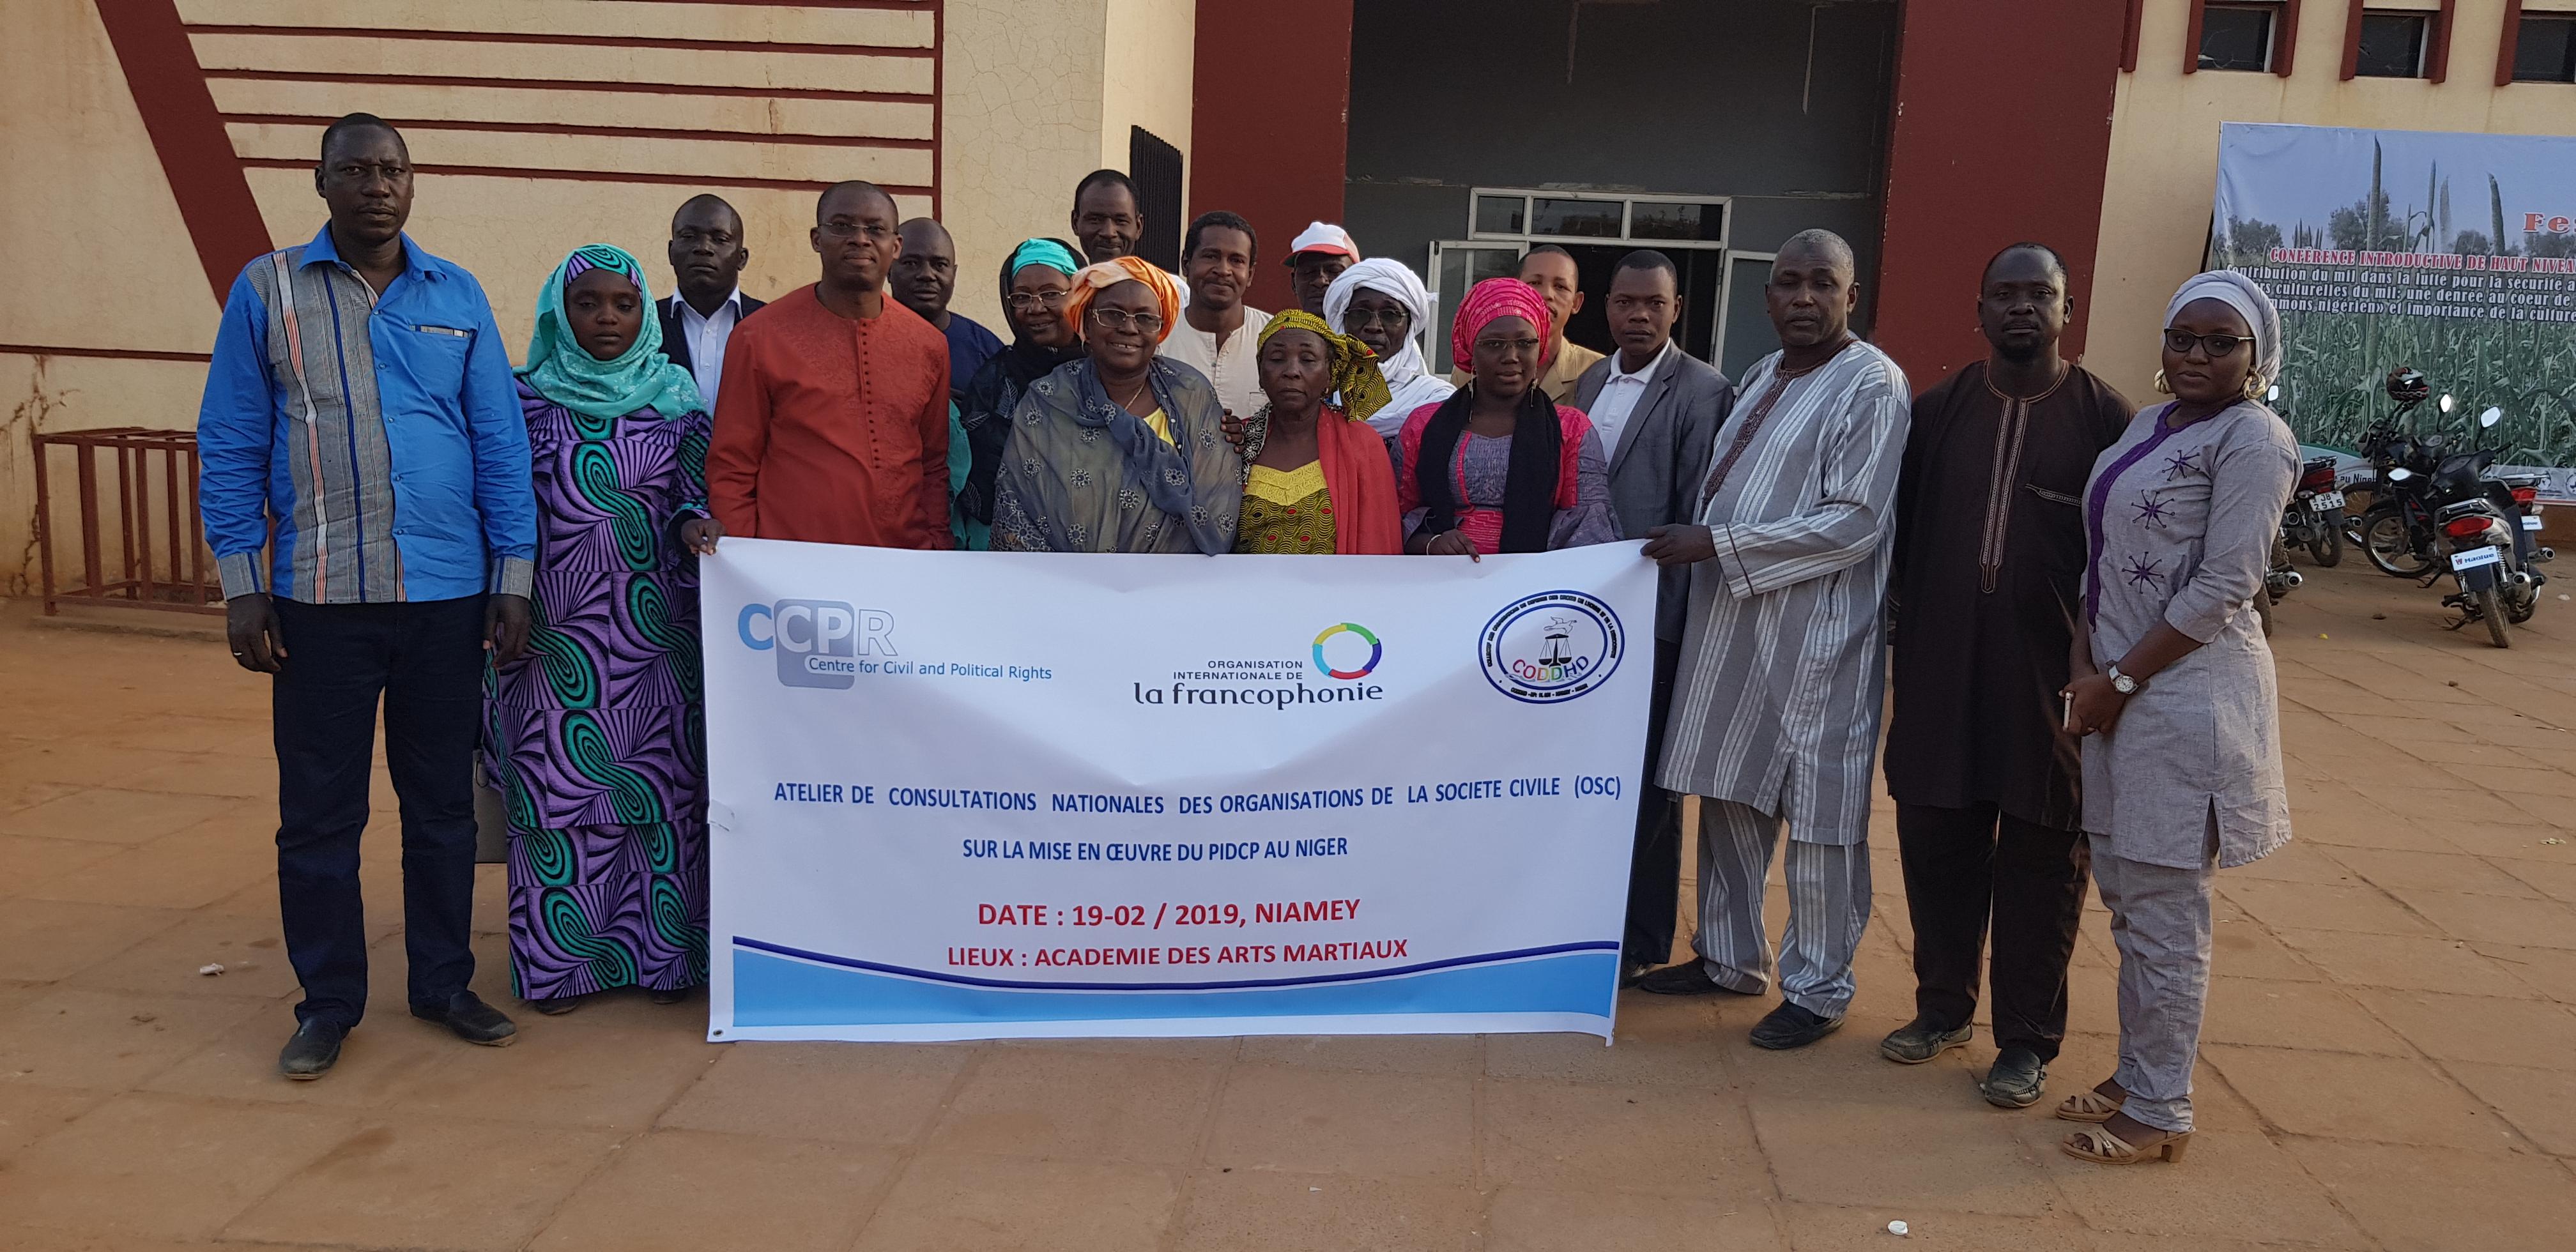 Le CCPR renforce la participation des OSC